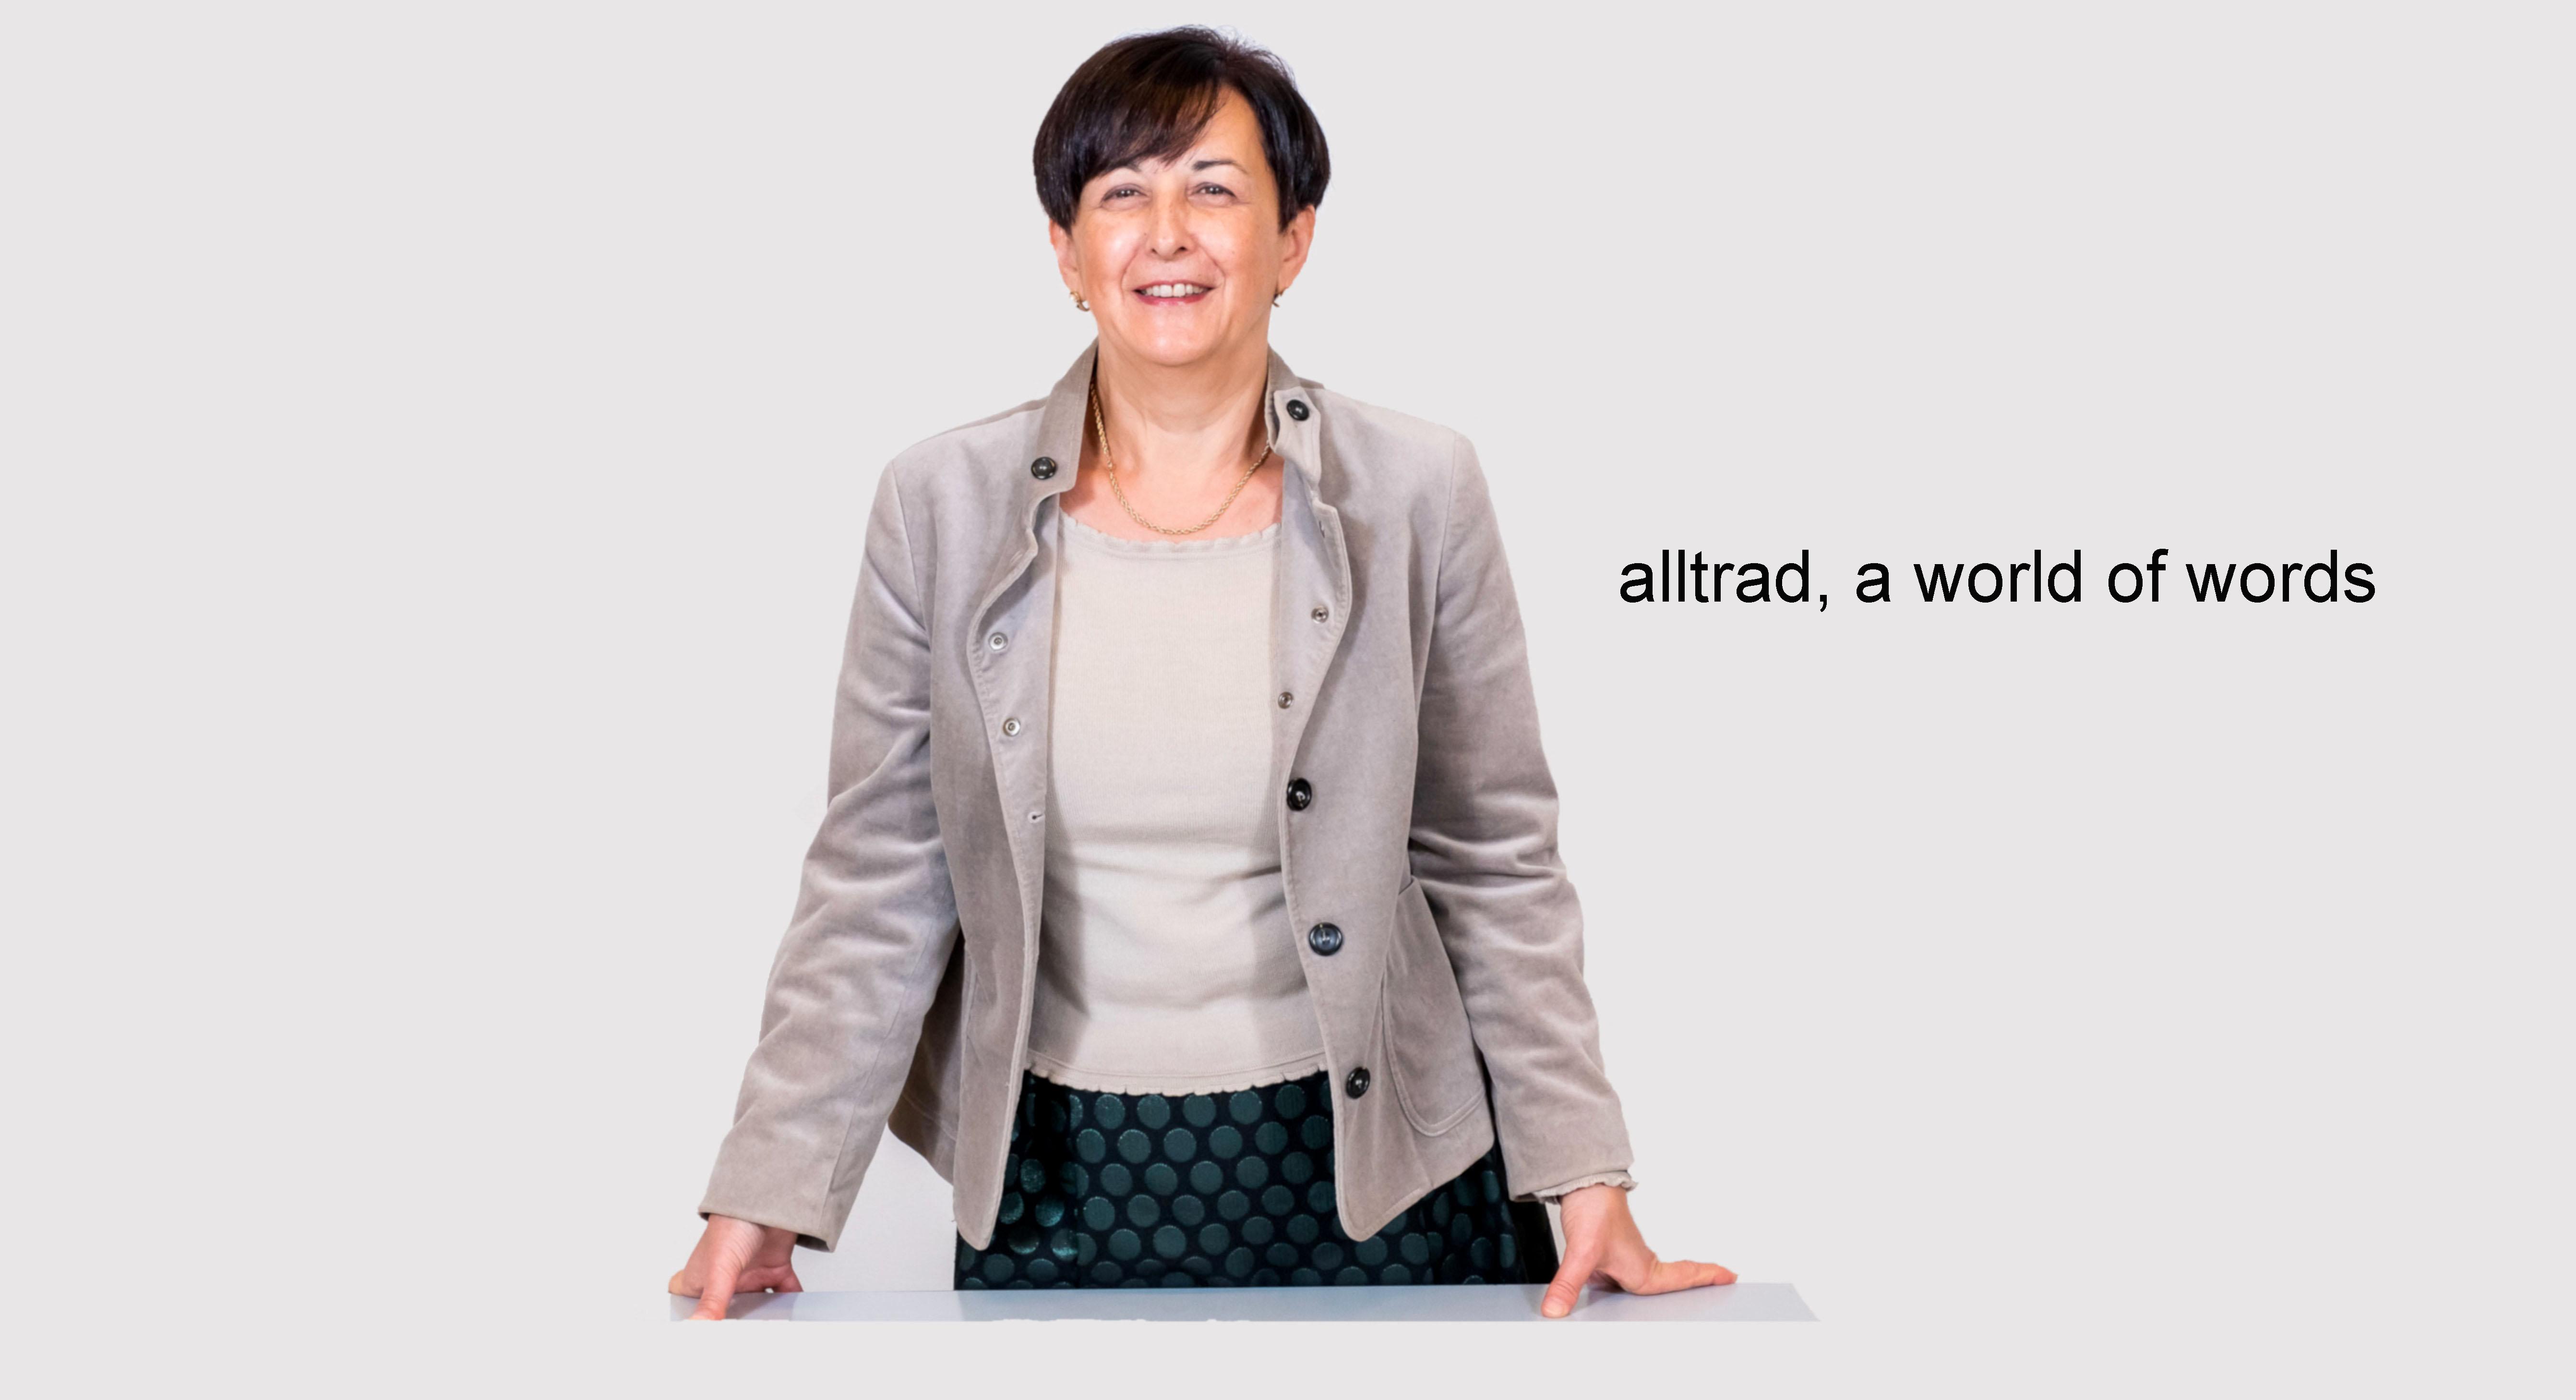 DP_alltrad a world of words